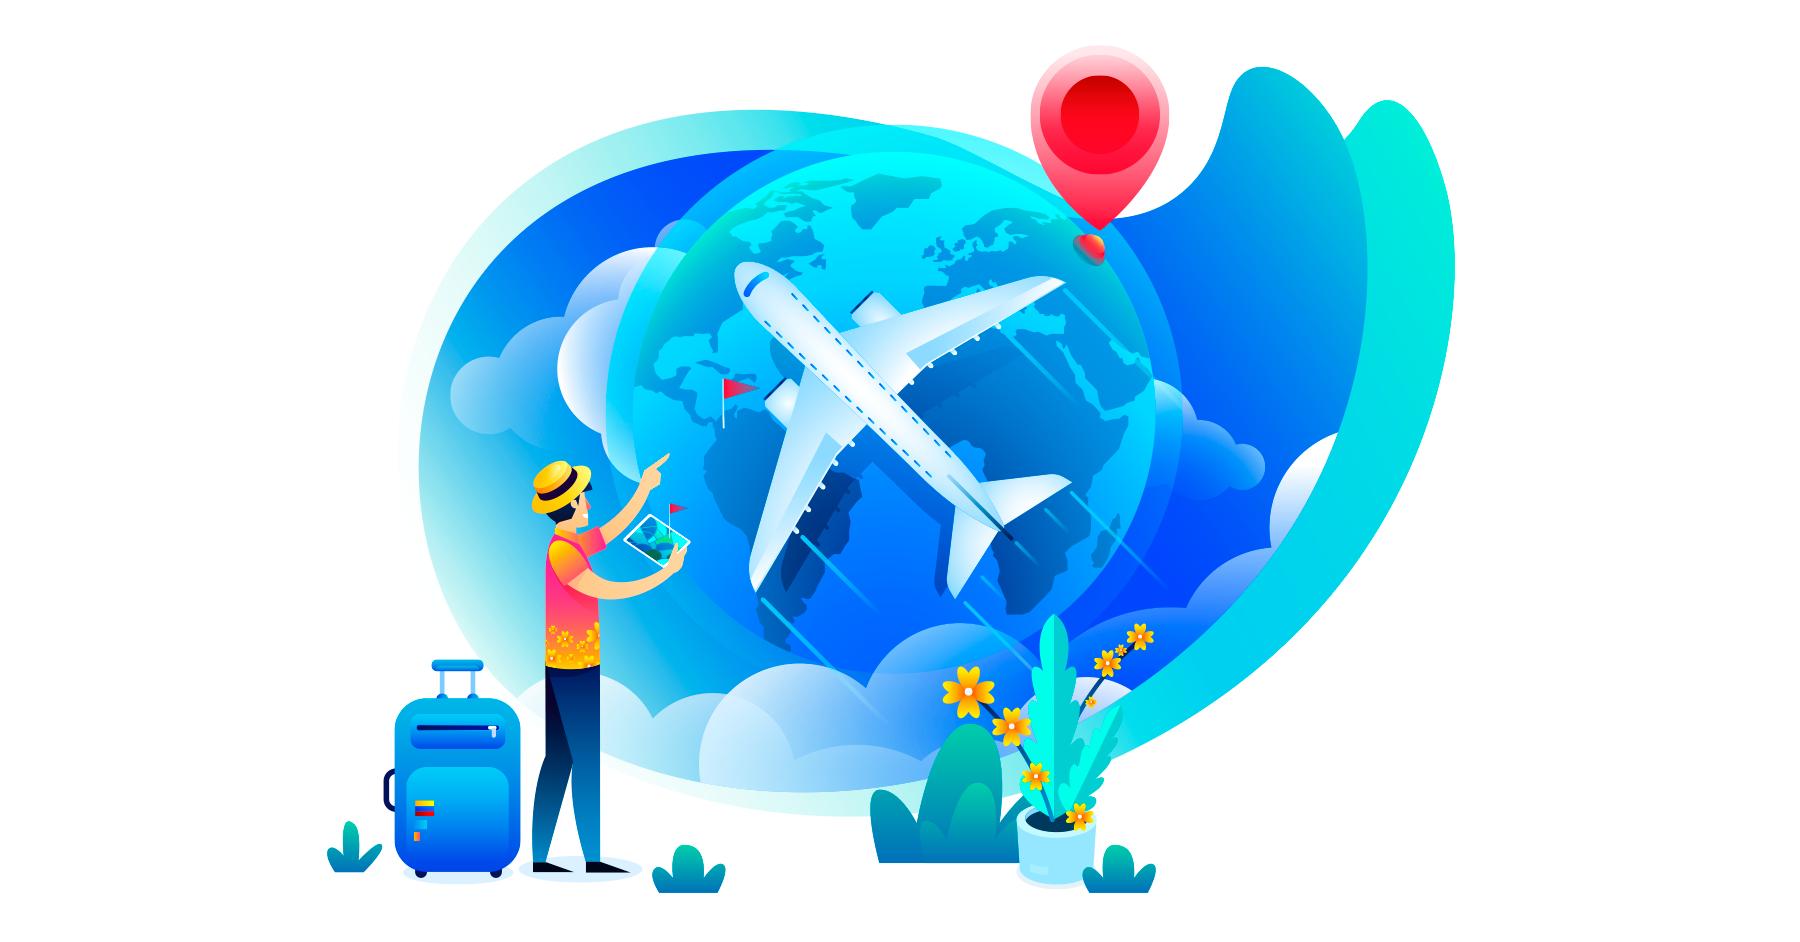 Reactiva tu agencia de viajes con una estrategia digital